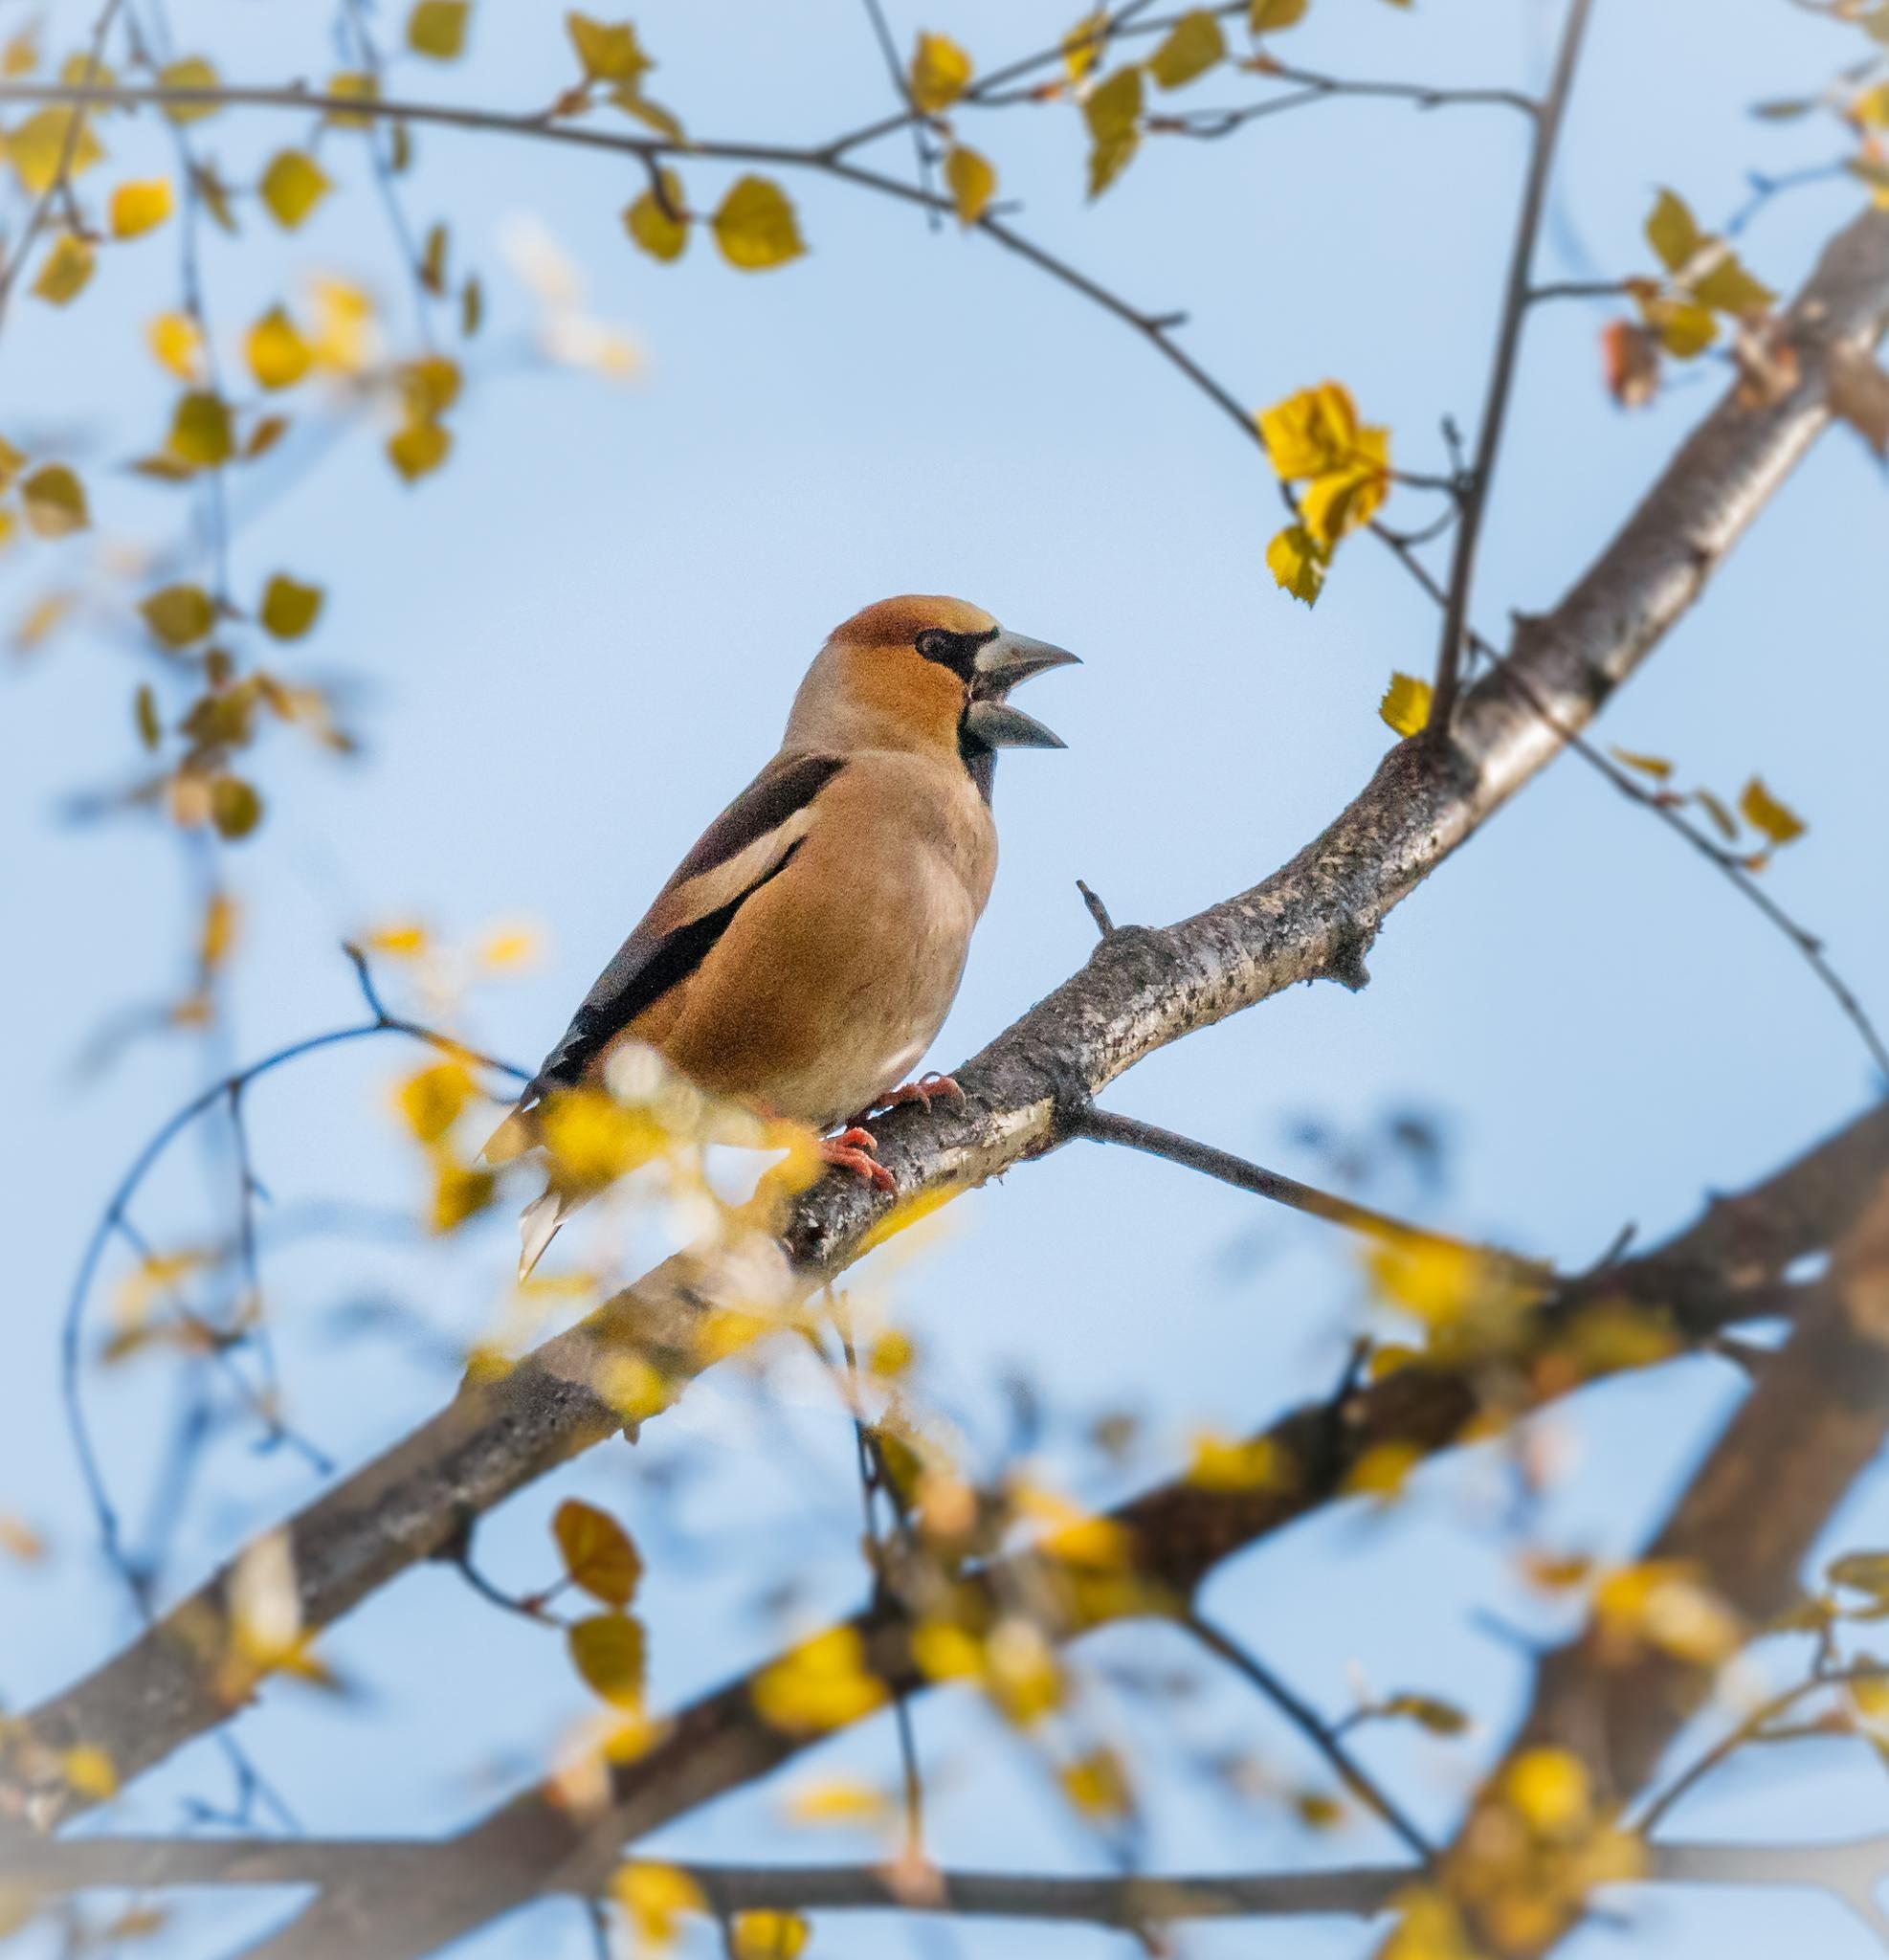 Hawfinch by tomdalhoy